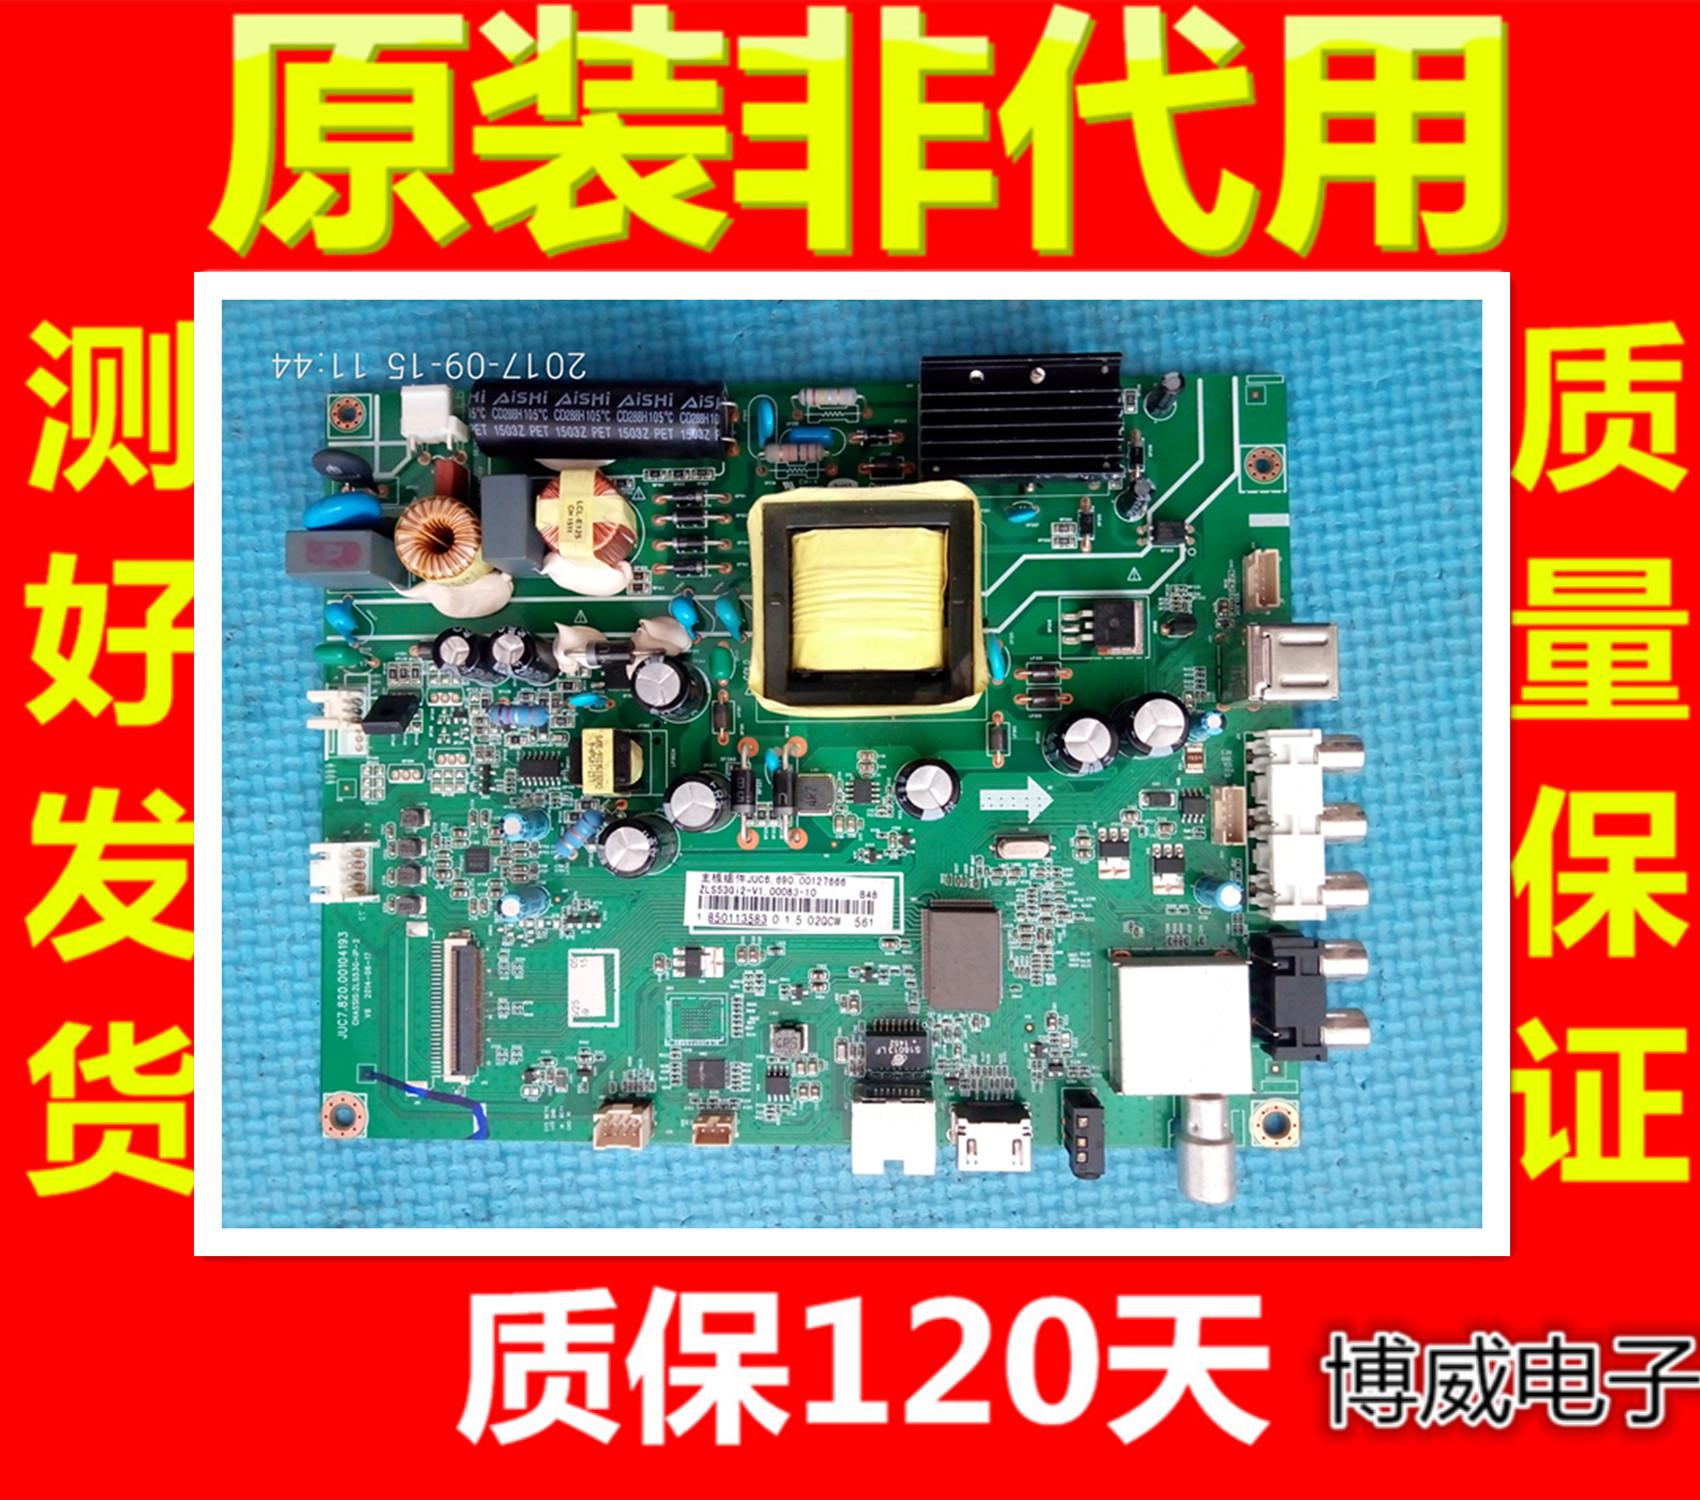 42寸の液晶薄型テレビの虹42D2000N電源リットルバックライト高圧マザーボードZML66